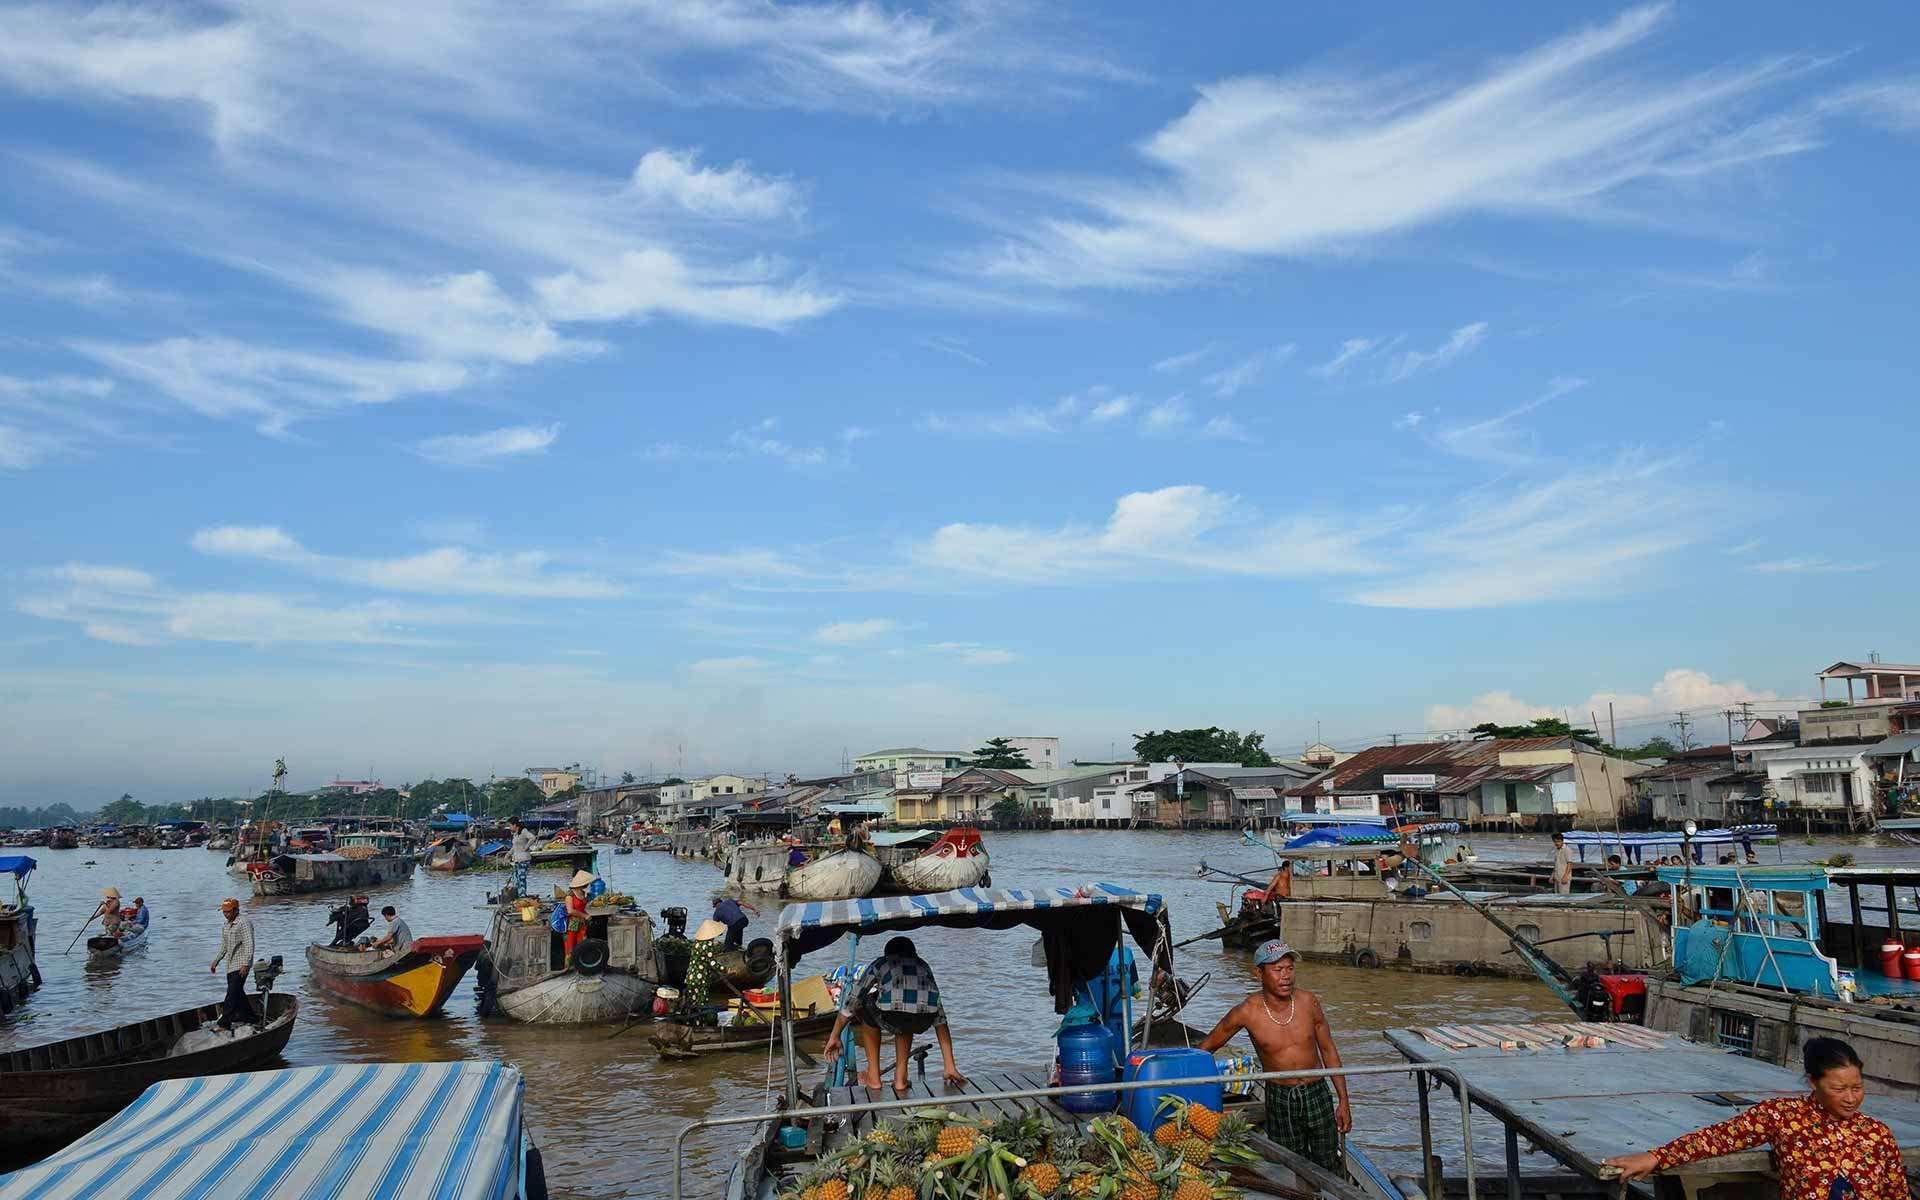 Visiting floating market